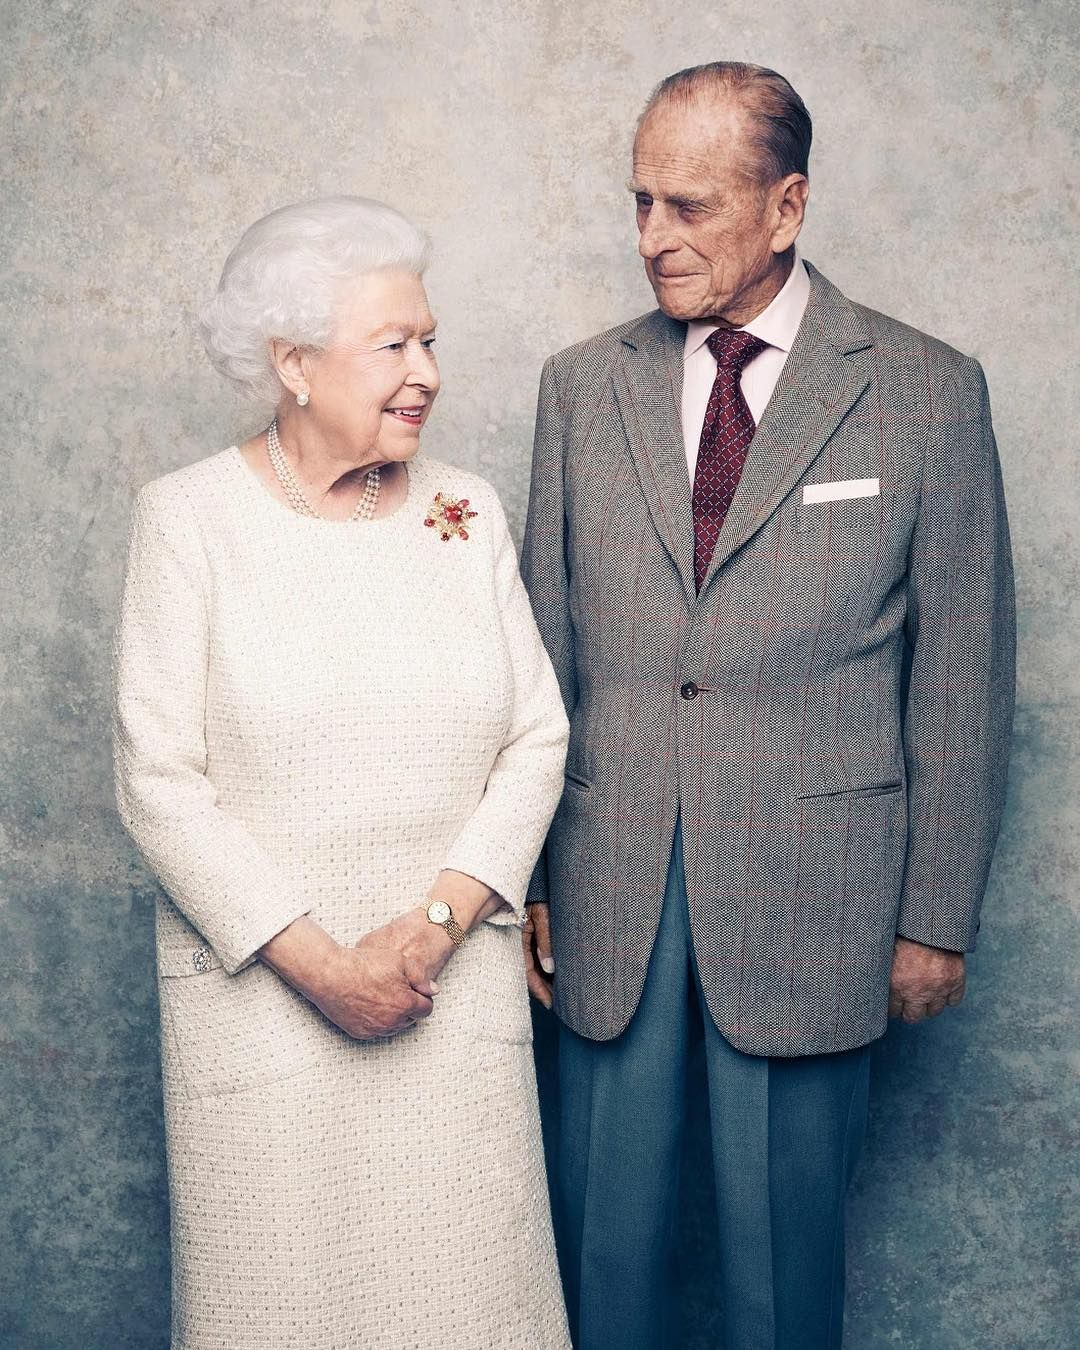 Bodas De Zinco A Rainha Elizabeth Ii E O Principe Philip